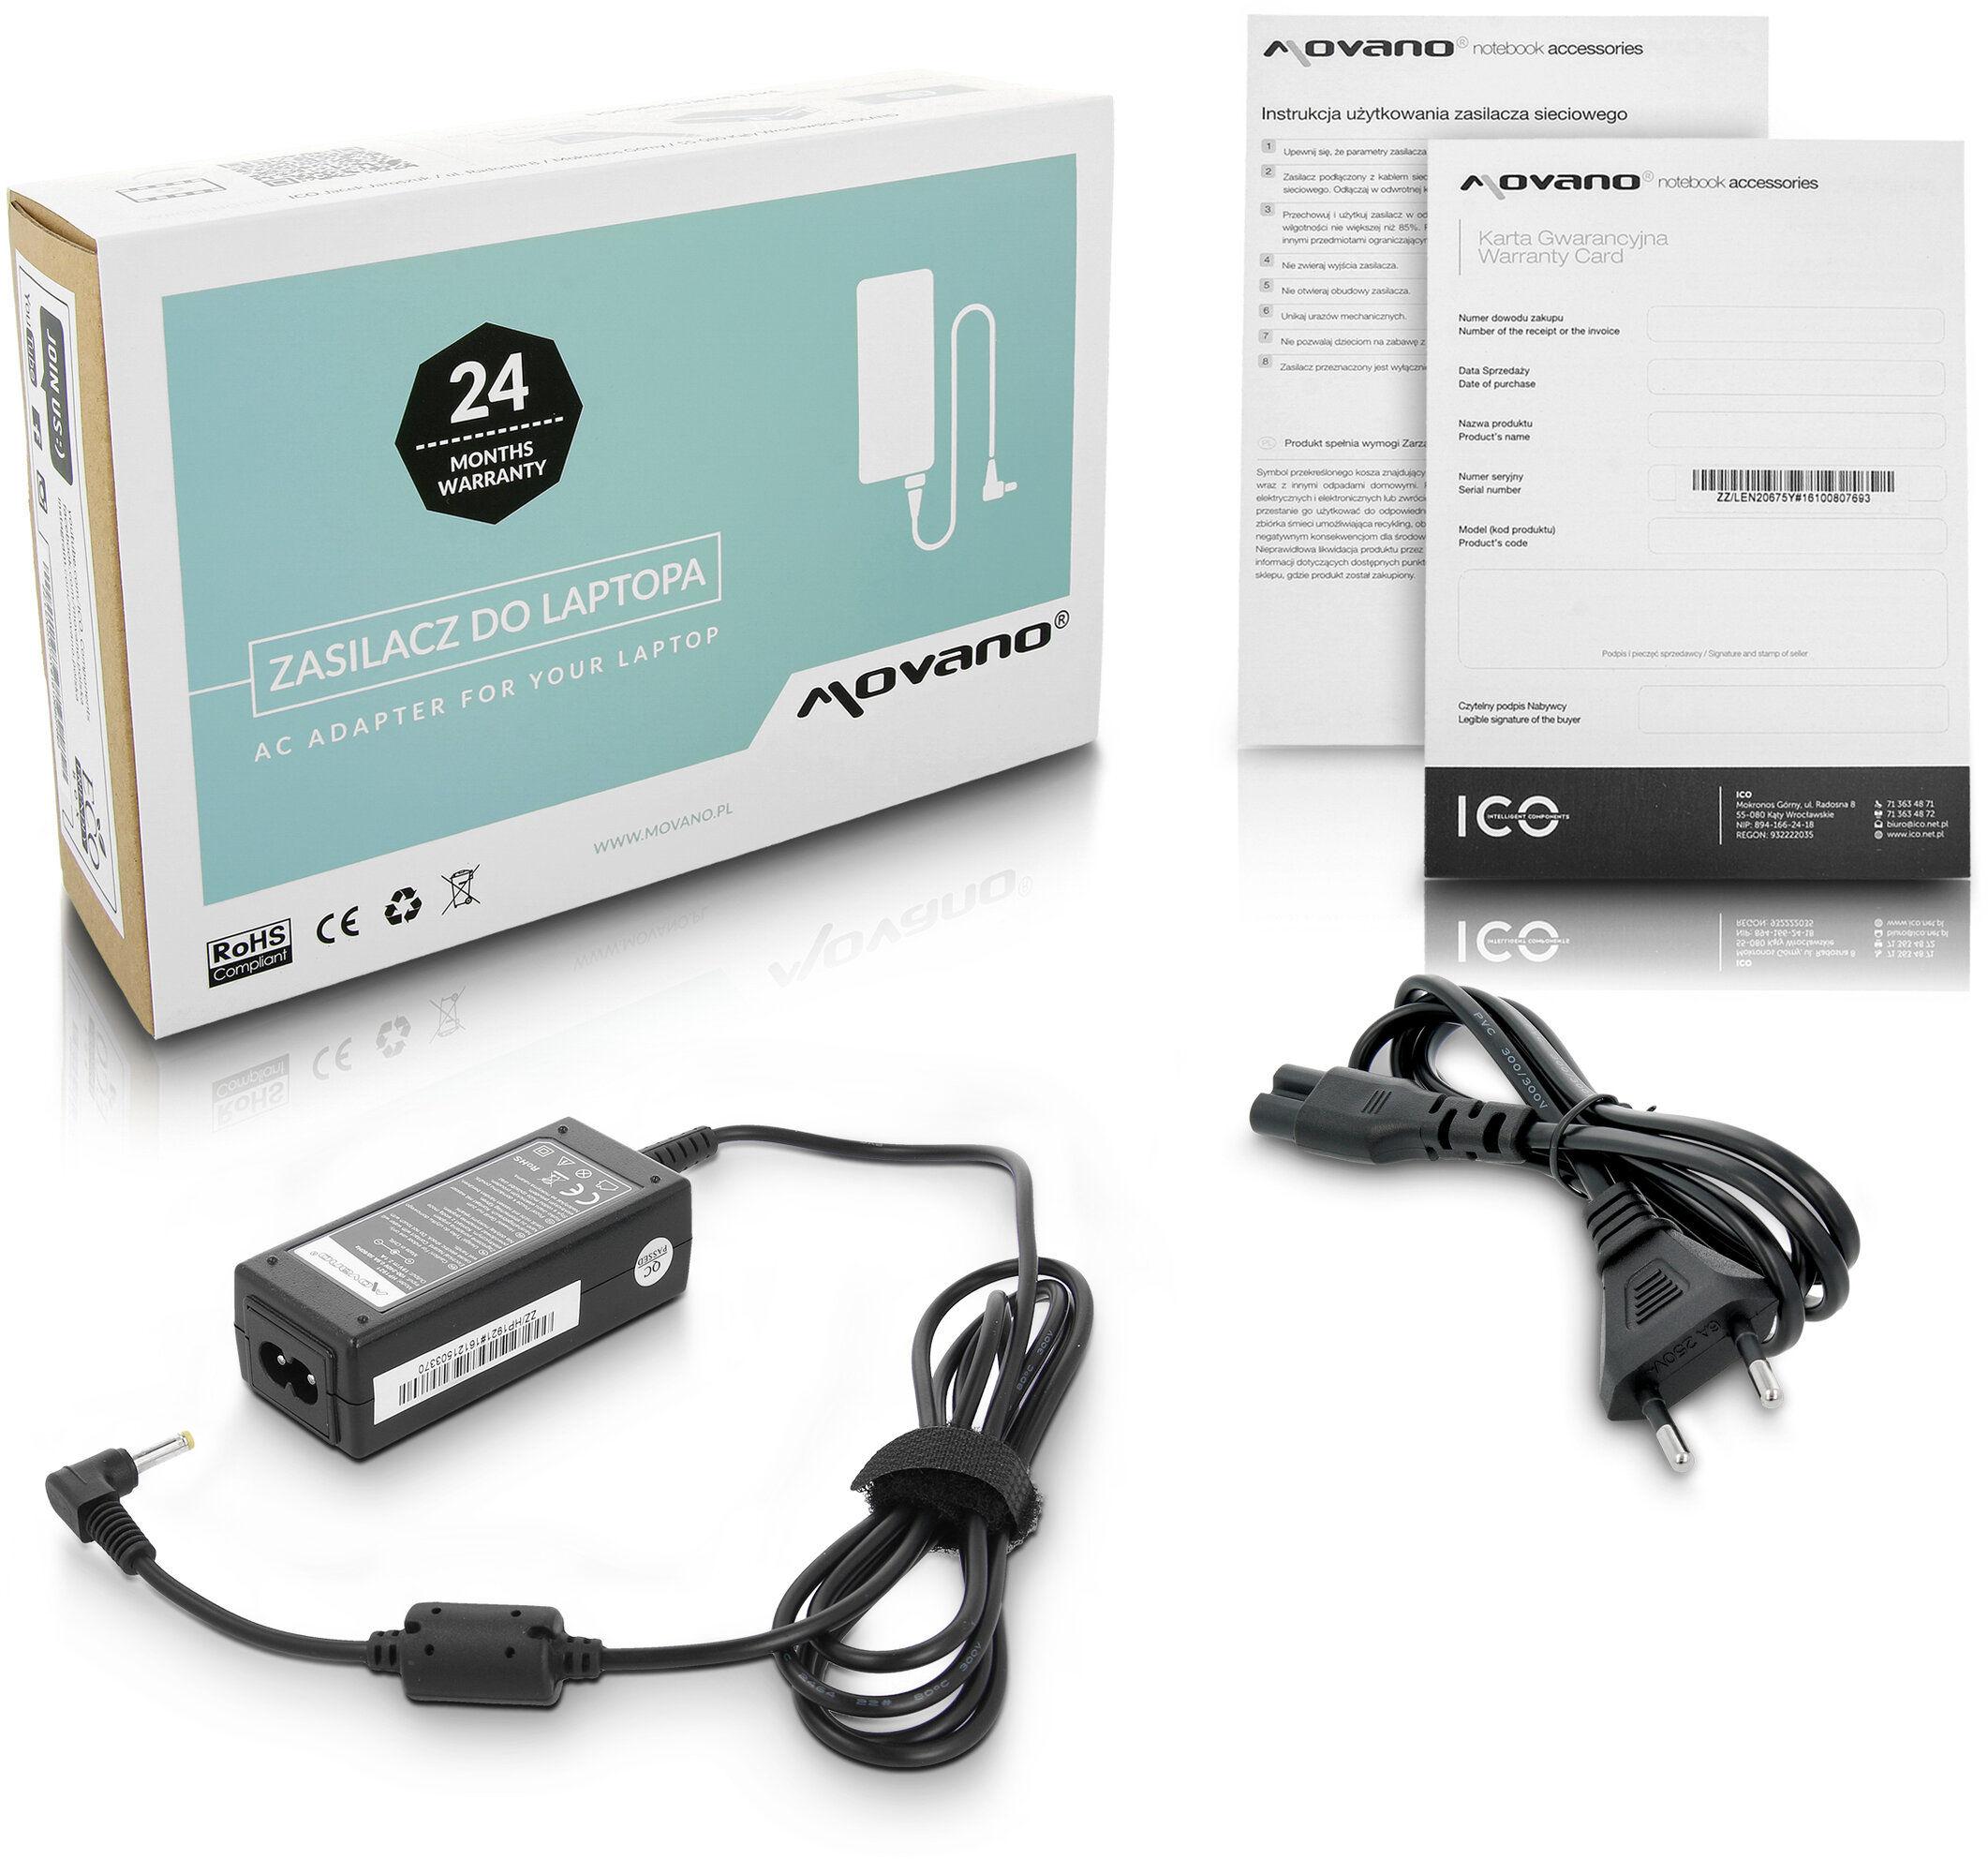 Zasilacz ładowarka do HP Mini 1000 PC 110-1119vu 110-1120tu